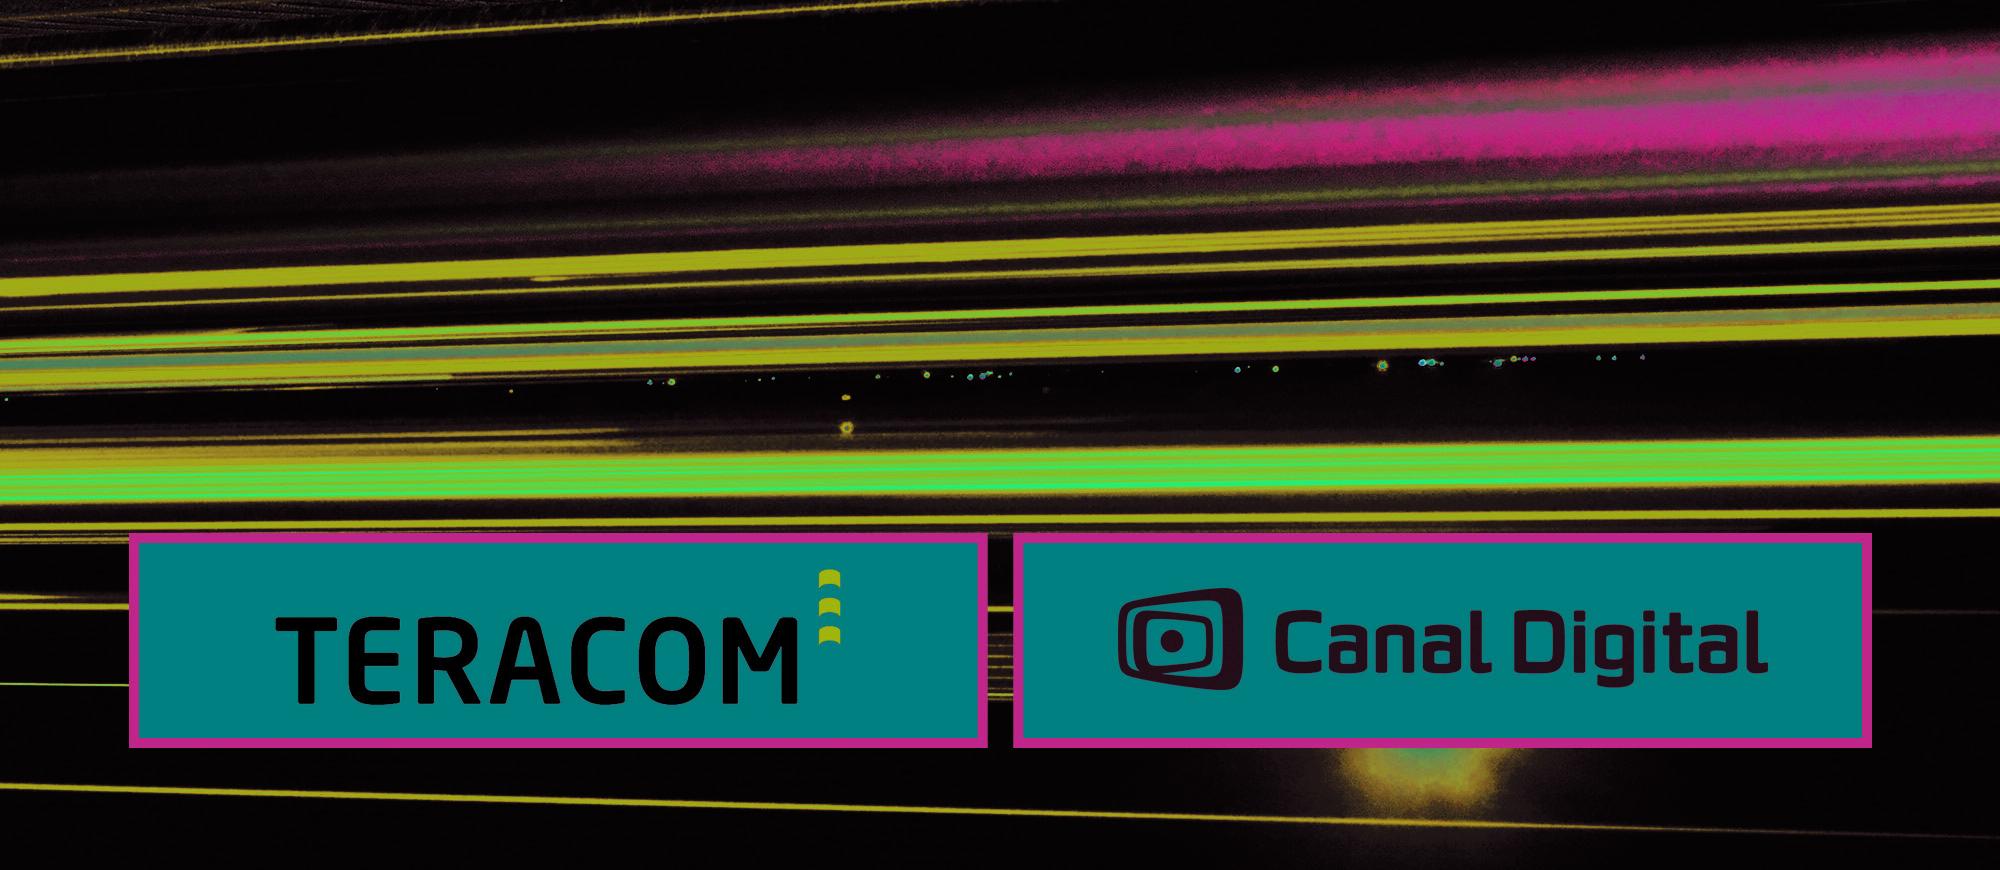 Teracom Canal Digital